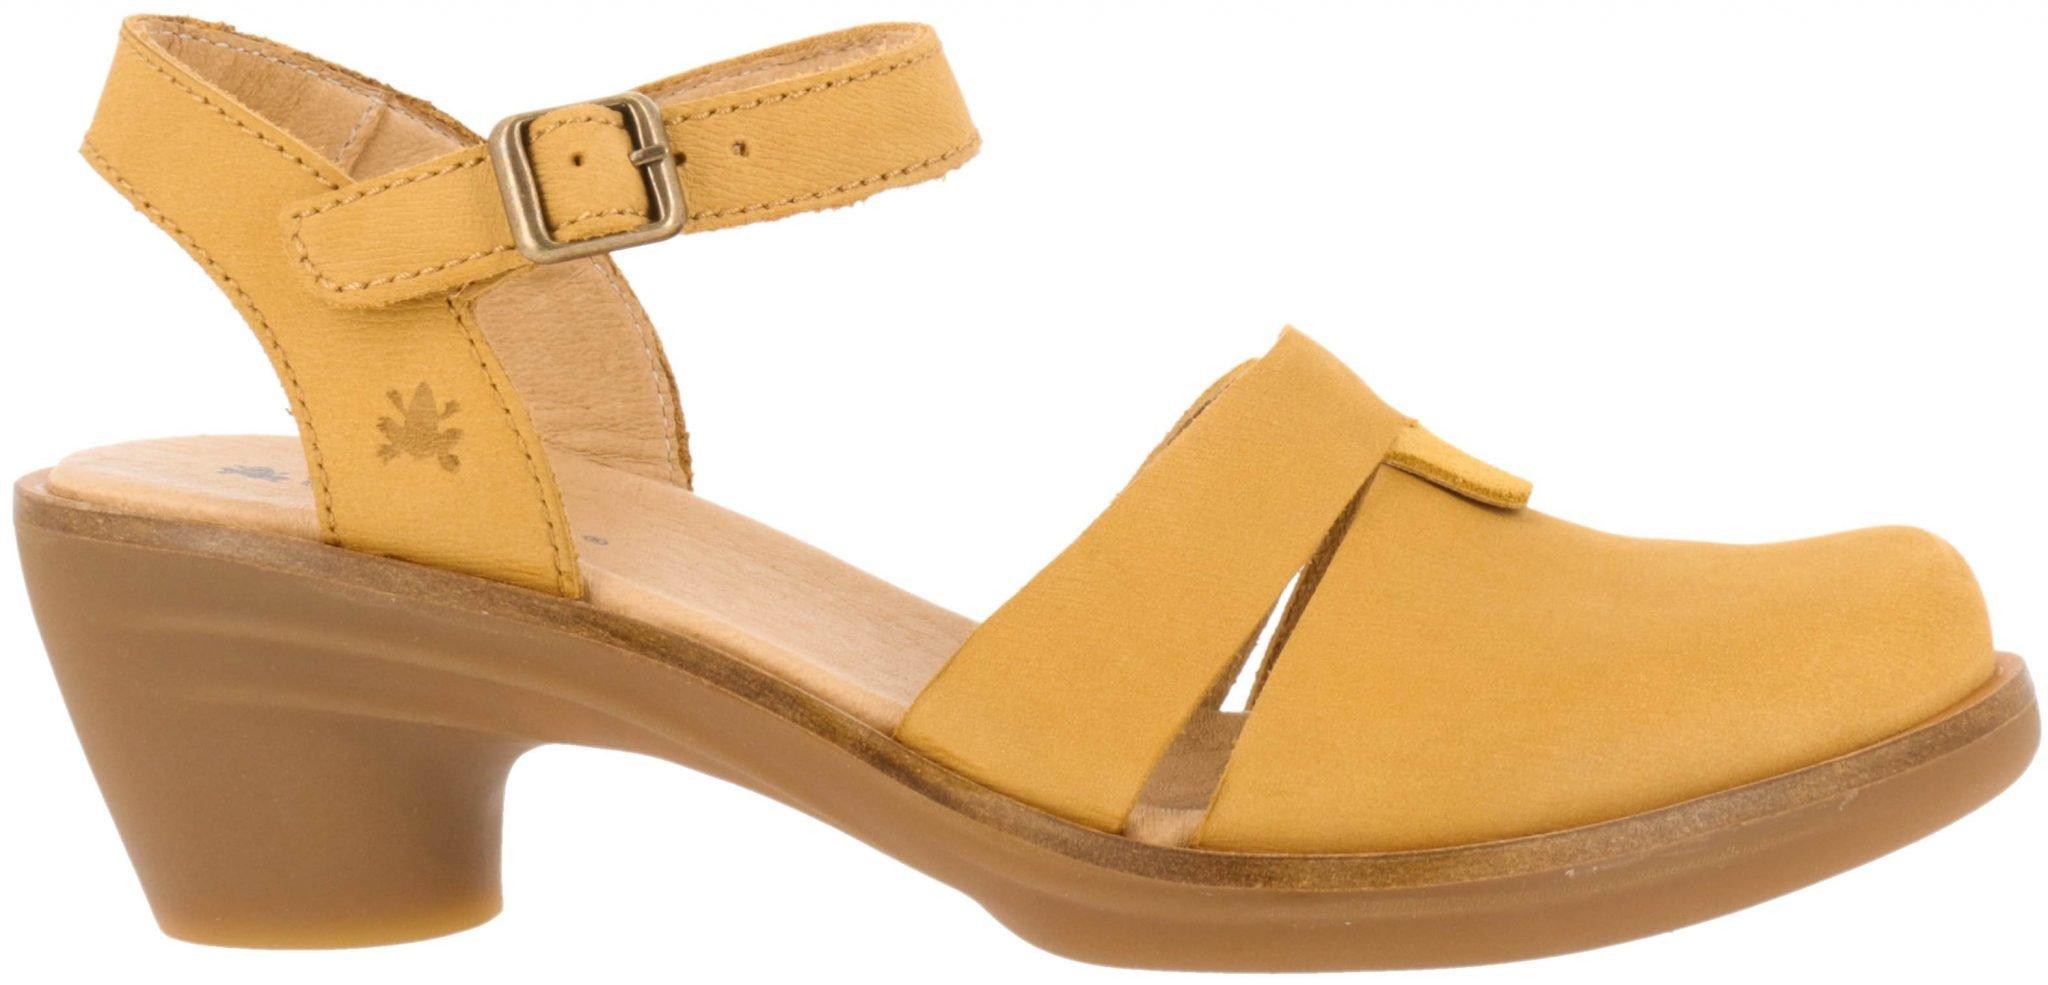 Rockport Zapatos con tacón bajo cuadrado Mujer - El